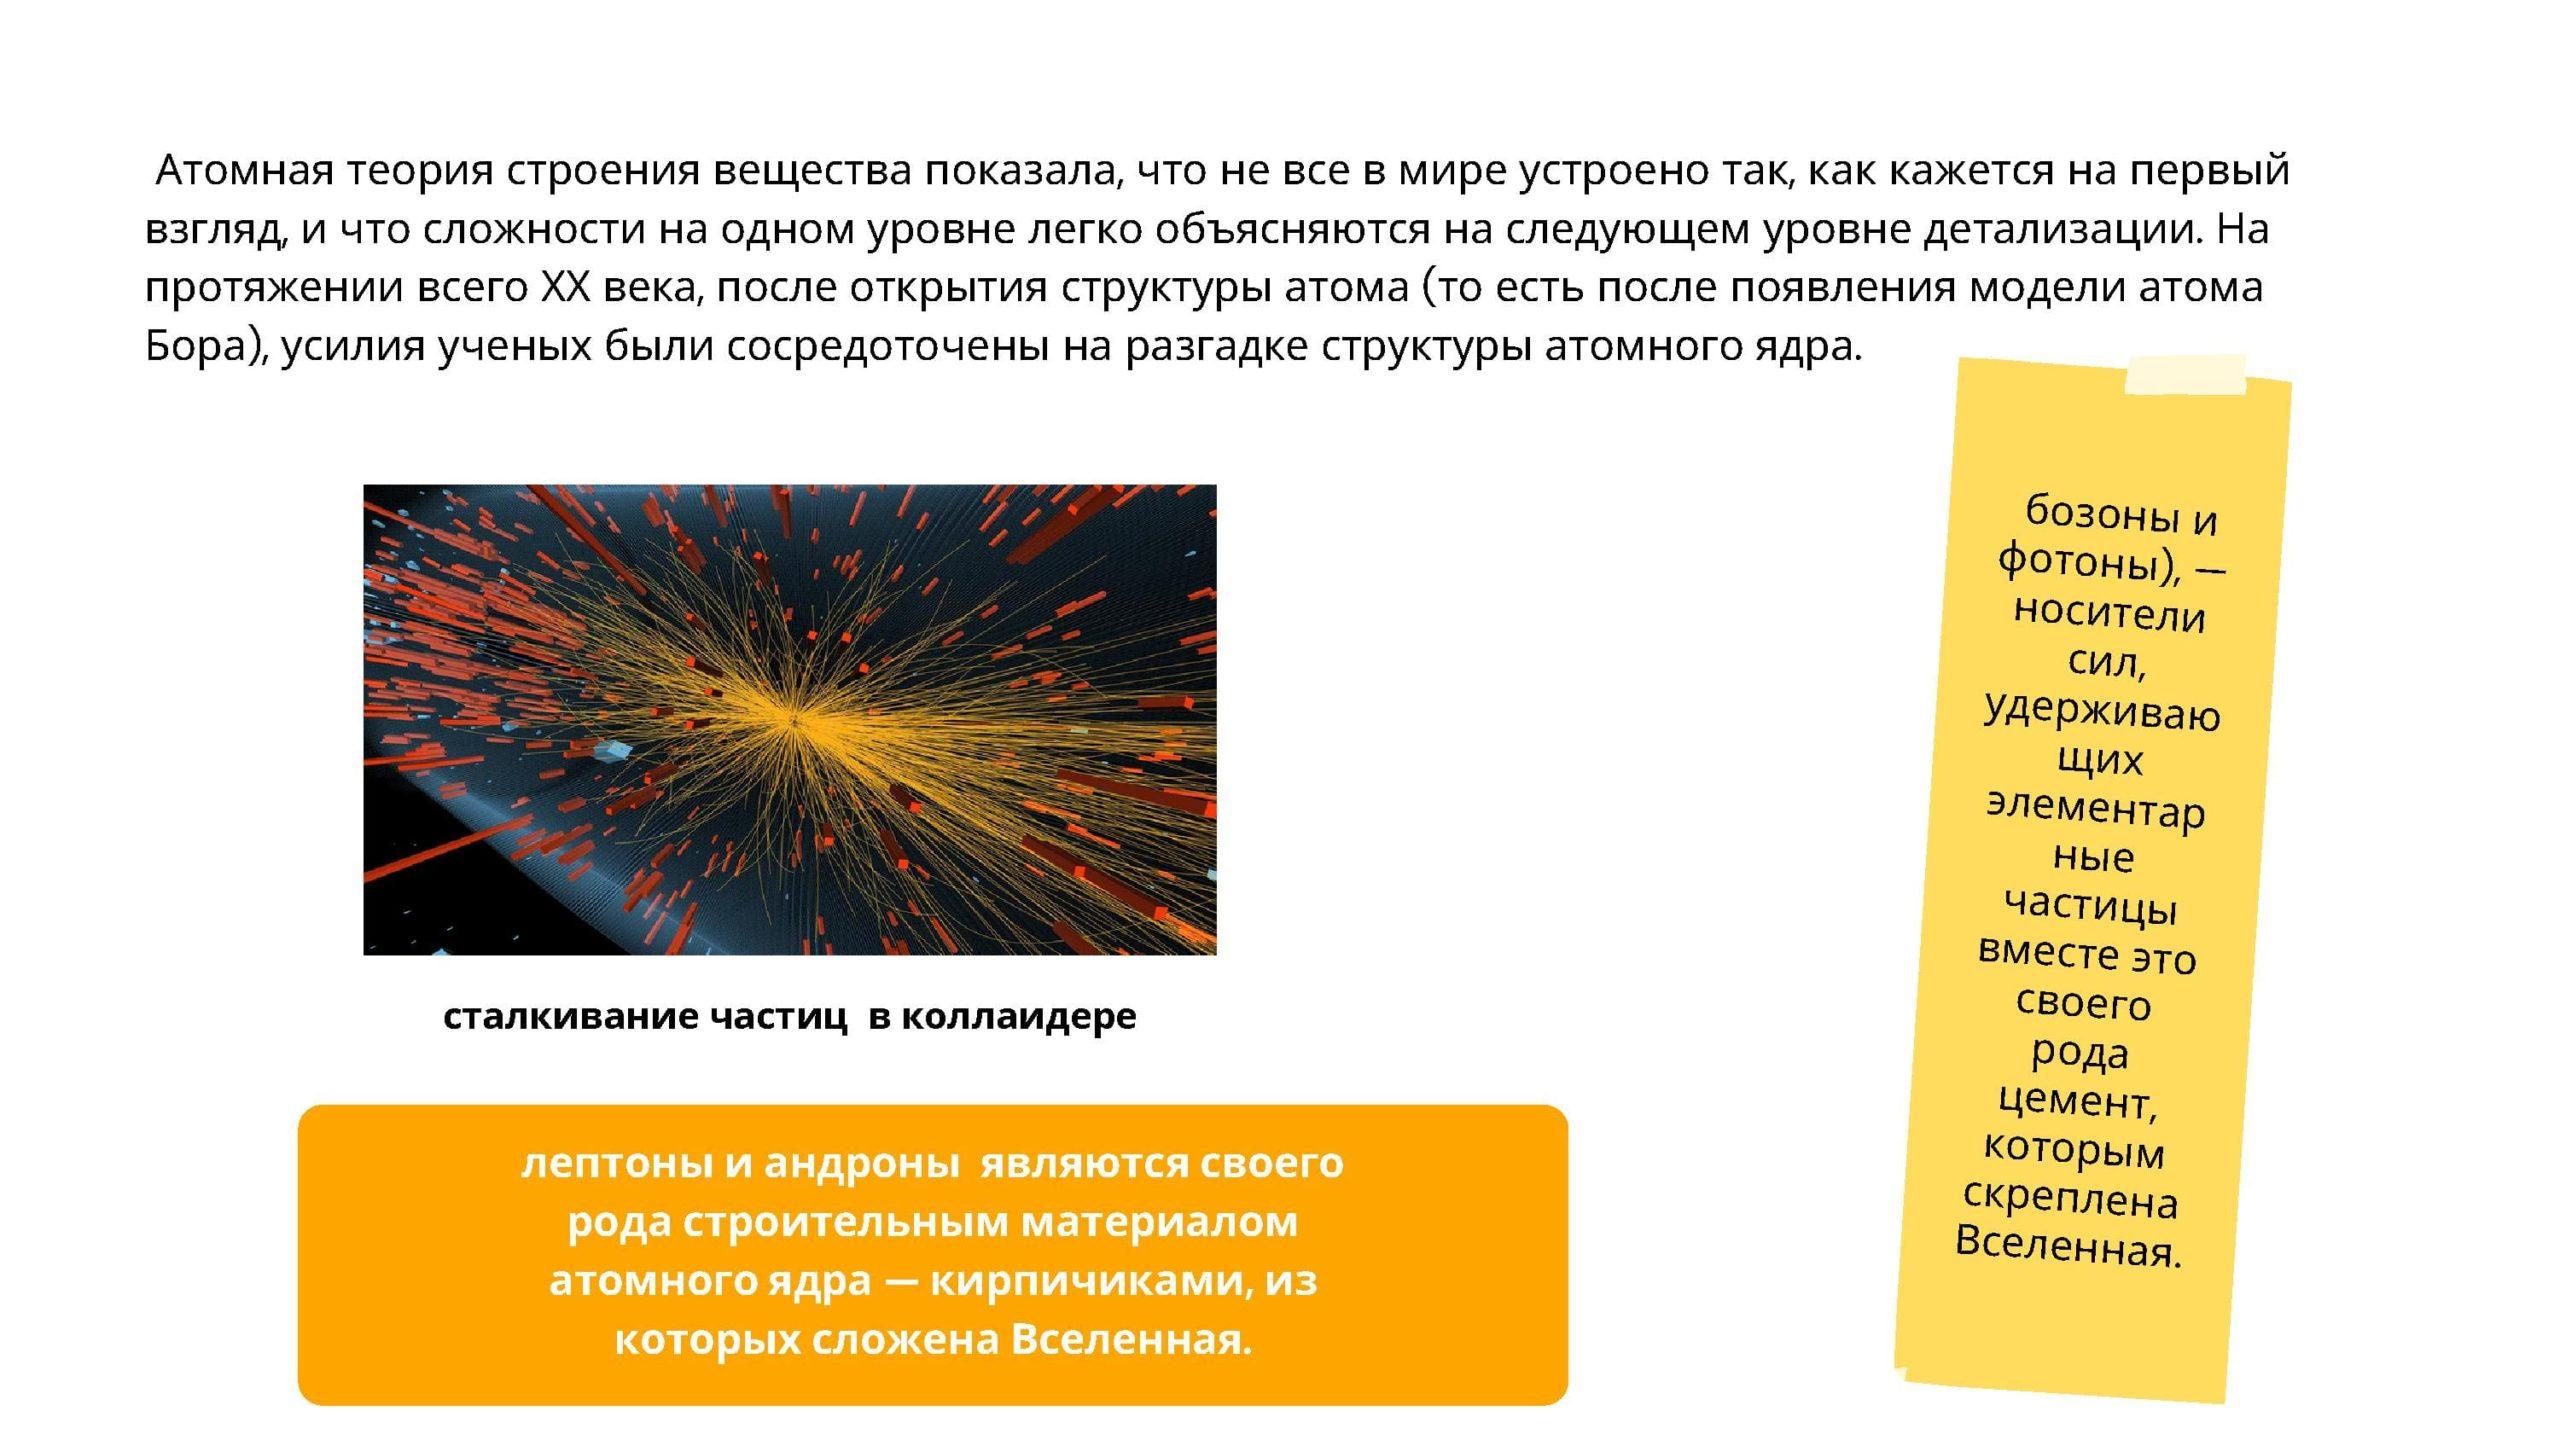 Атомная теория строения вещества